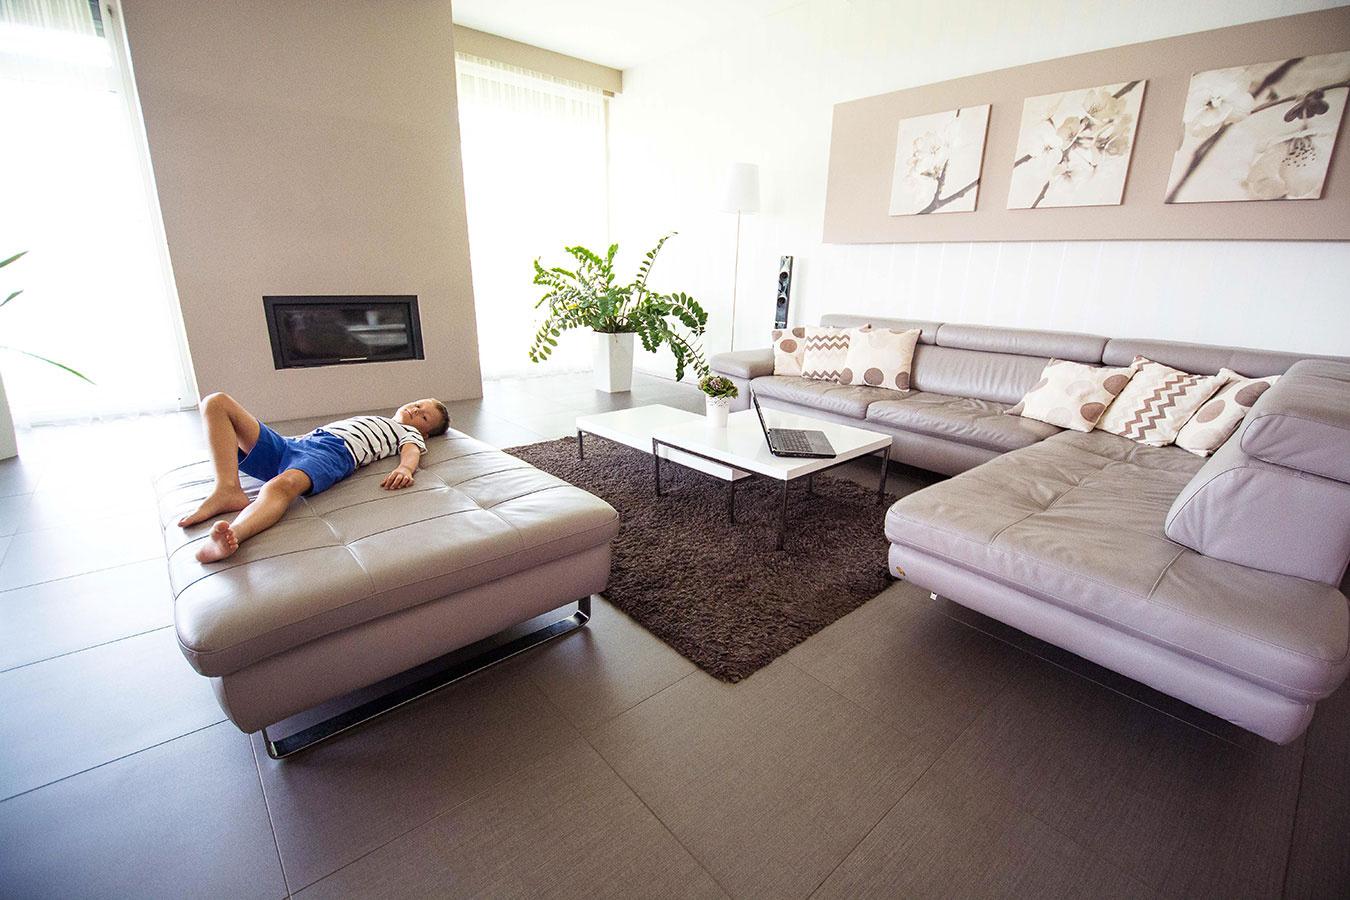 """Maximálny komfort za nízke náklady Manželia Kamenskí mali jasnú predstavu o spoločnom bývaní v rodinnom dome. Pre seba a svojho syna chceli vytvoriť útulný domov, v ktorom sa prepojí teplo domova s modernými prvkami. Po dôkladnom zvážení sa preto rozhodli pre kombináciu kozuba a systému elektrického podlahového vykurovania DEVITM. Prízemný rodinný dom s úžitkovou plochou 170 m2 postavili manželia pred šiestimi rokmi. V interiéri sa prelínajú moderné prvky s klasickými. """"Do štýlu nášho domu sa nehodili radiátory. Hľadali sme preto alternatívne riešenia vykurovania. Na elektrickom podlahovom vykurovaní DEVITM ma najviac oslovilo to, že každá izba má svoj termostat a teplotu možno regulovať v každej miestnosti samostatne,"""" hovorí spokojný majiteľ domu. Systém elektrického podlahového vykurovania DEVITM preto inštalovali v celom dome. A to nielen v obývacej miestnosti spojenej s kuchyňou, kde je položená dlažba, ale aj v miestnostiach s plávajúcou podlahou.  """"Najviac ma oslovilo a zaujalo"""